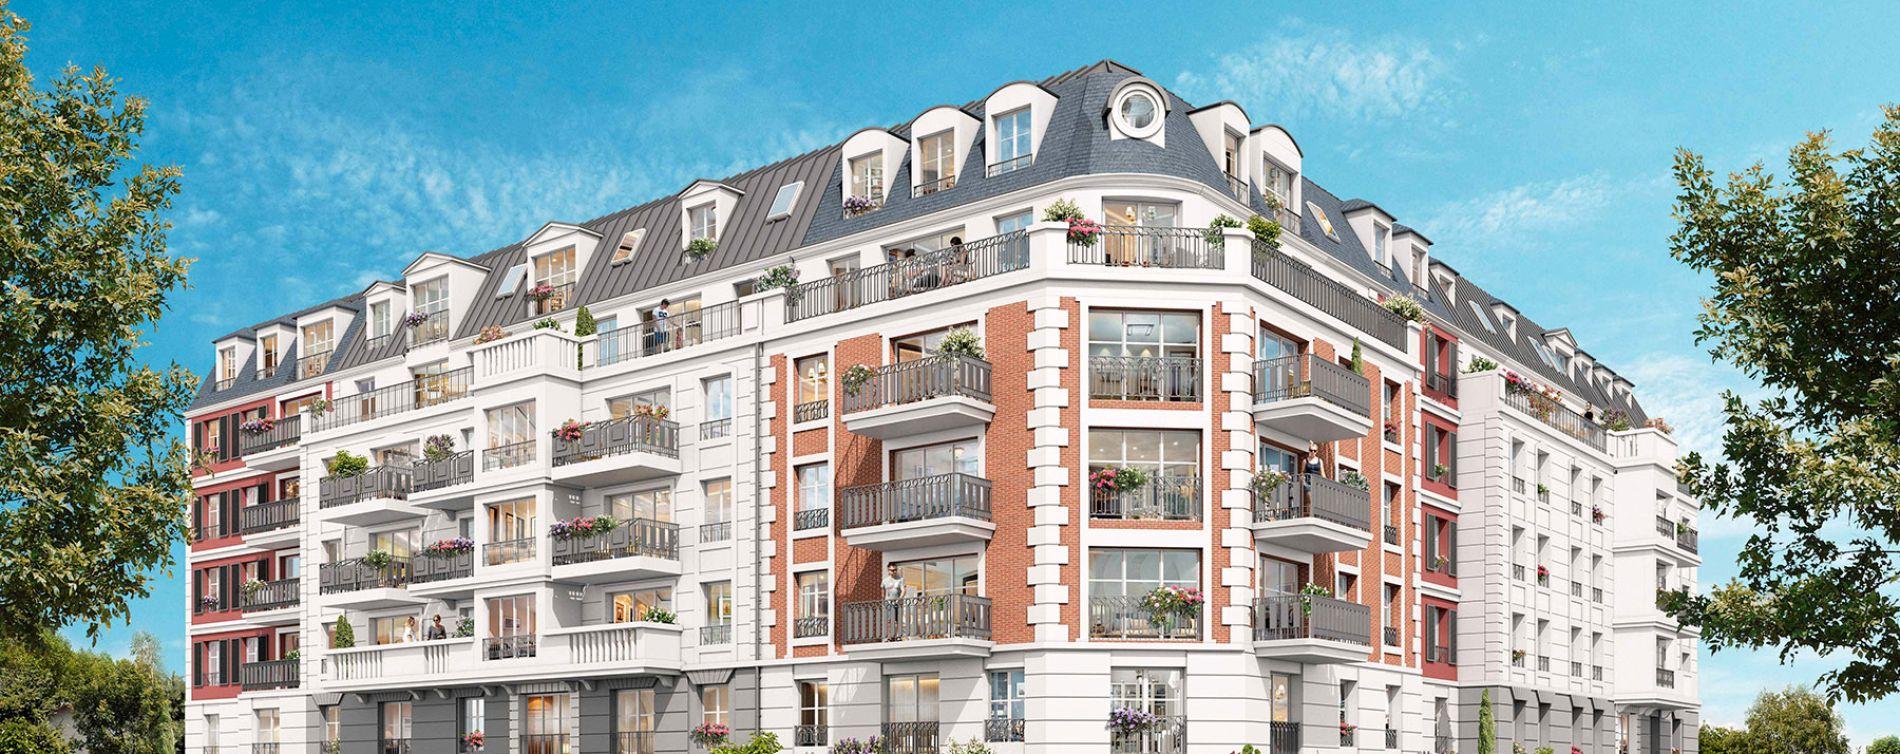 Gagny : programme immobilier neuve « Parenthèse Citadine 1 » (2)